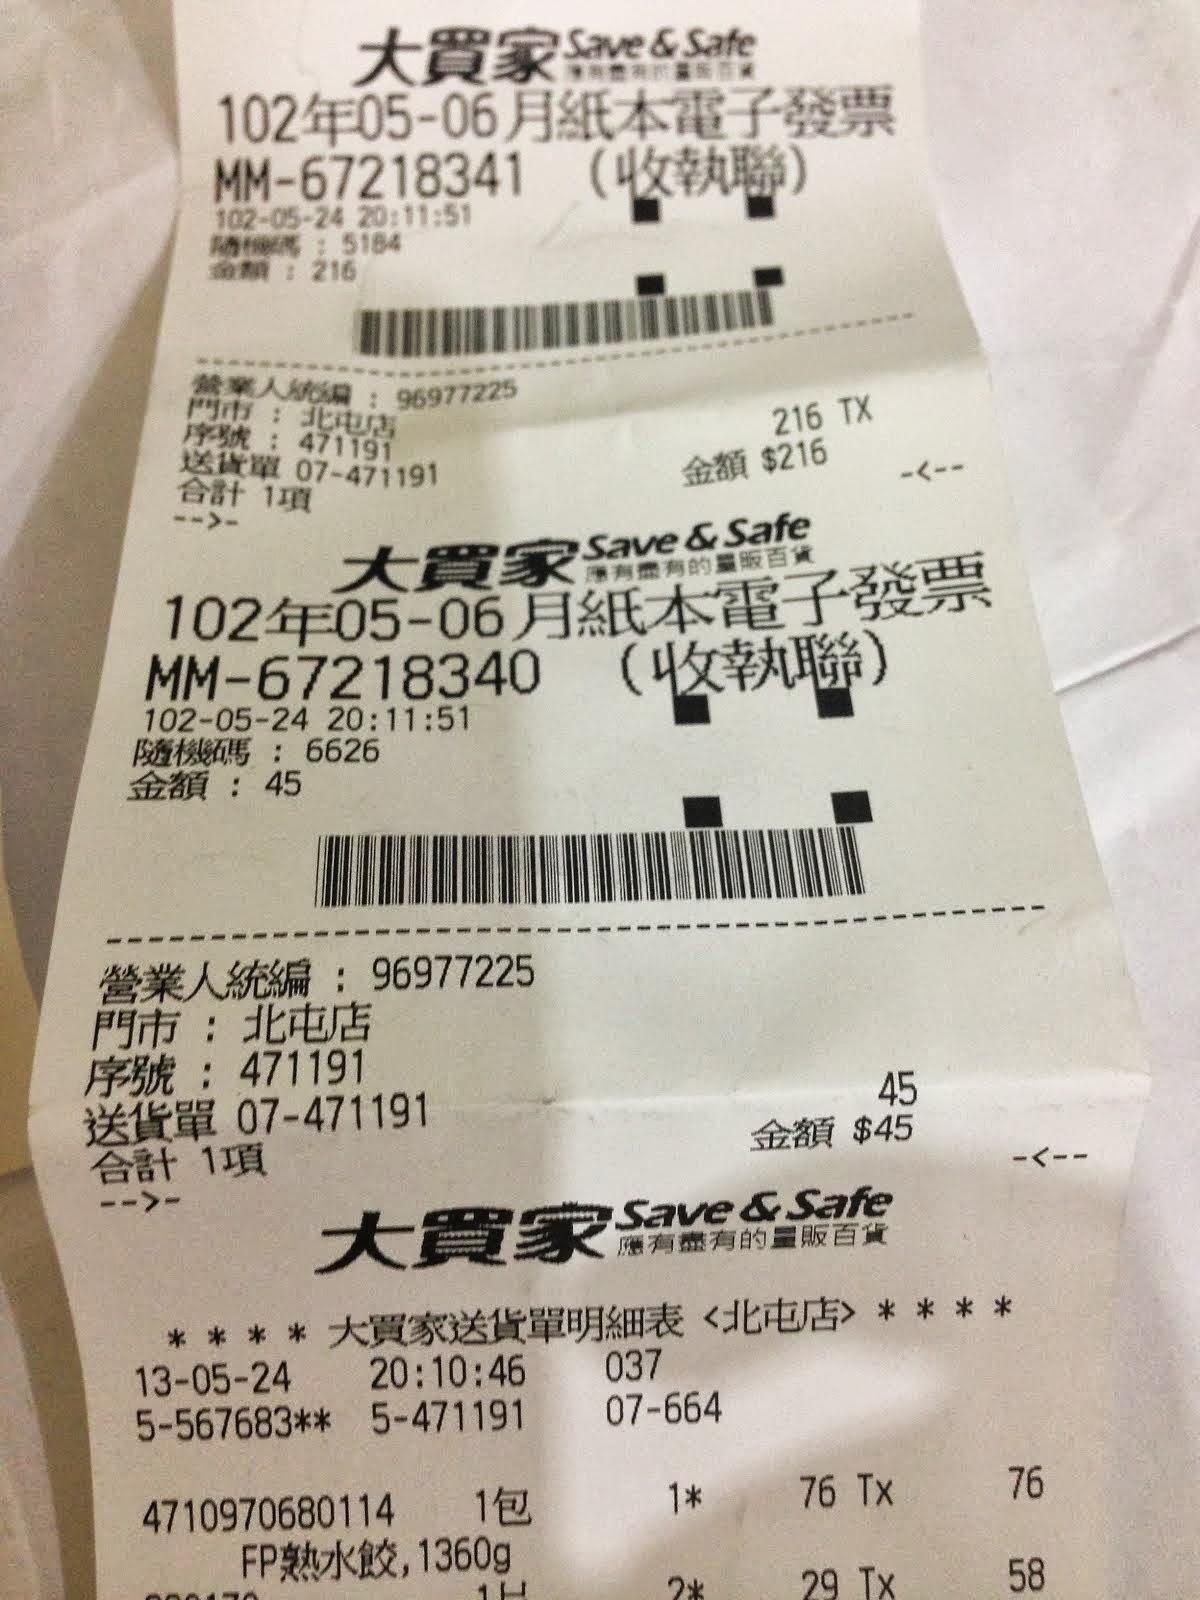 胡愛晏: 大買家電子發票(手機條碼共通載具)比較